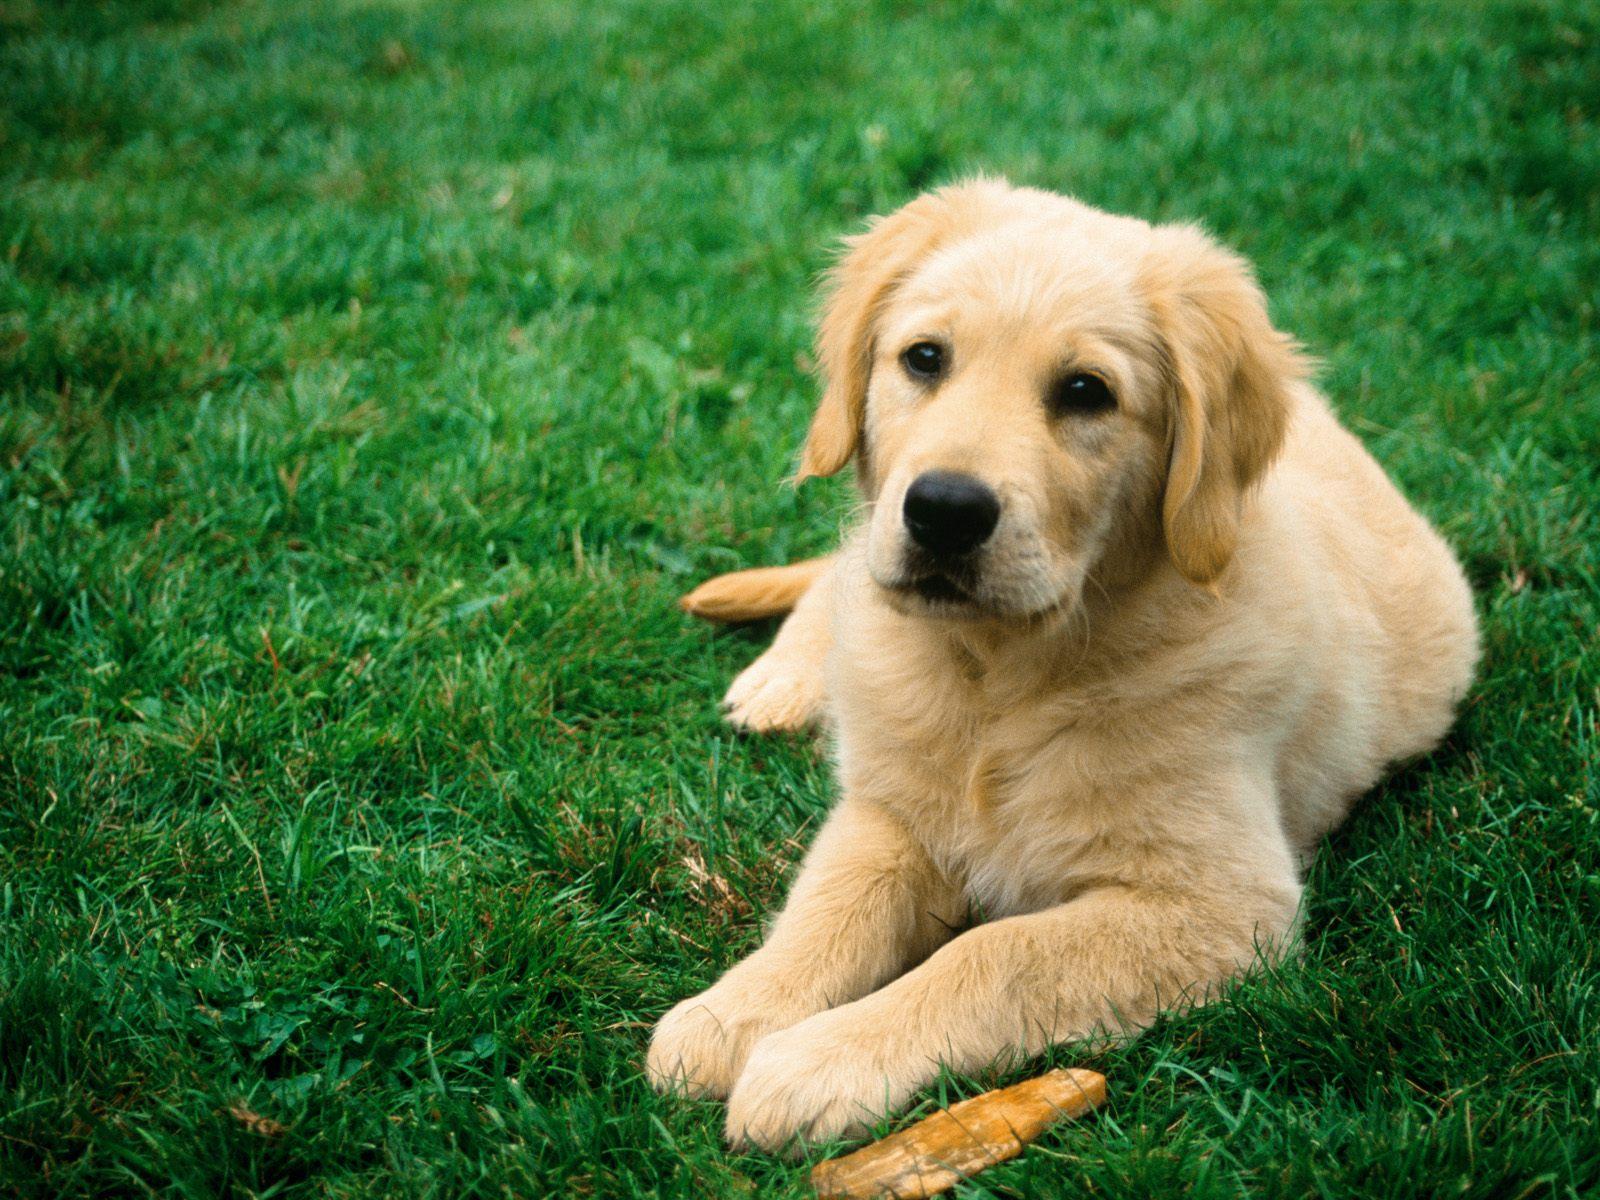 download dog image